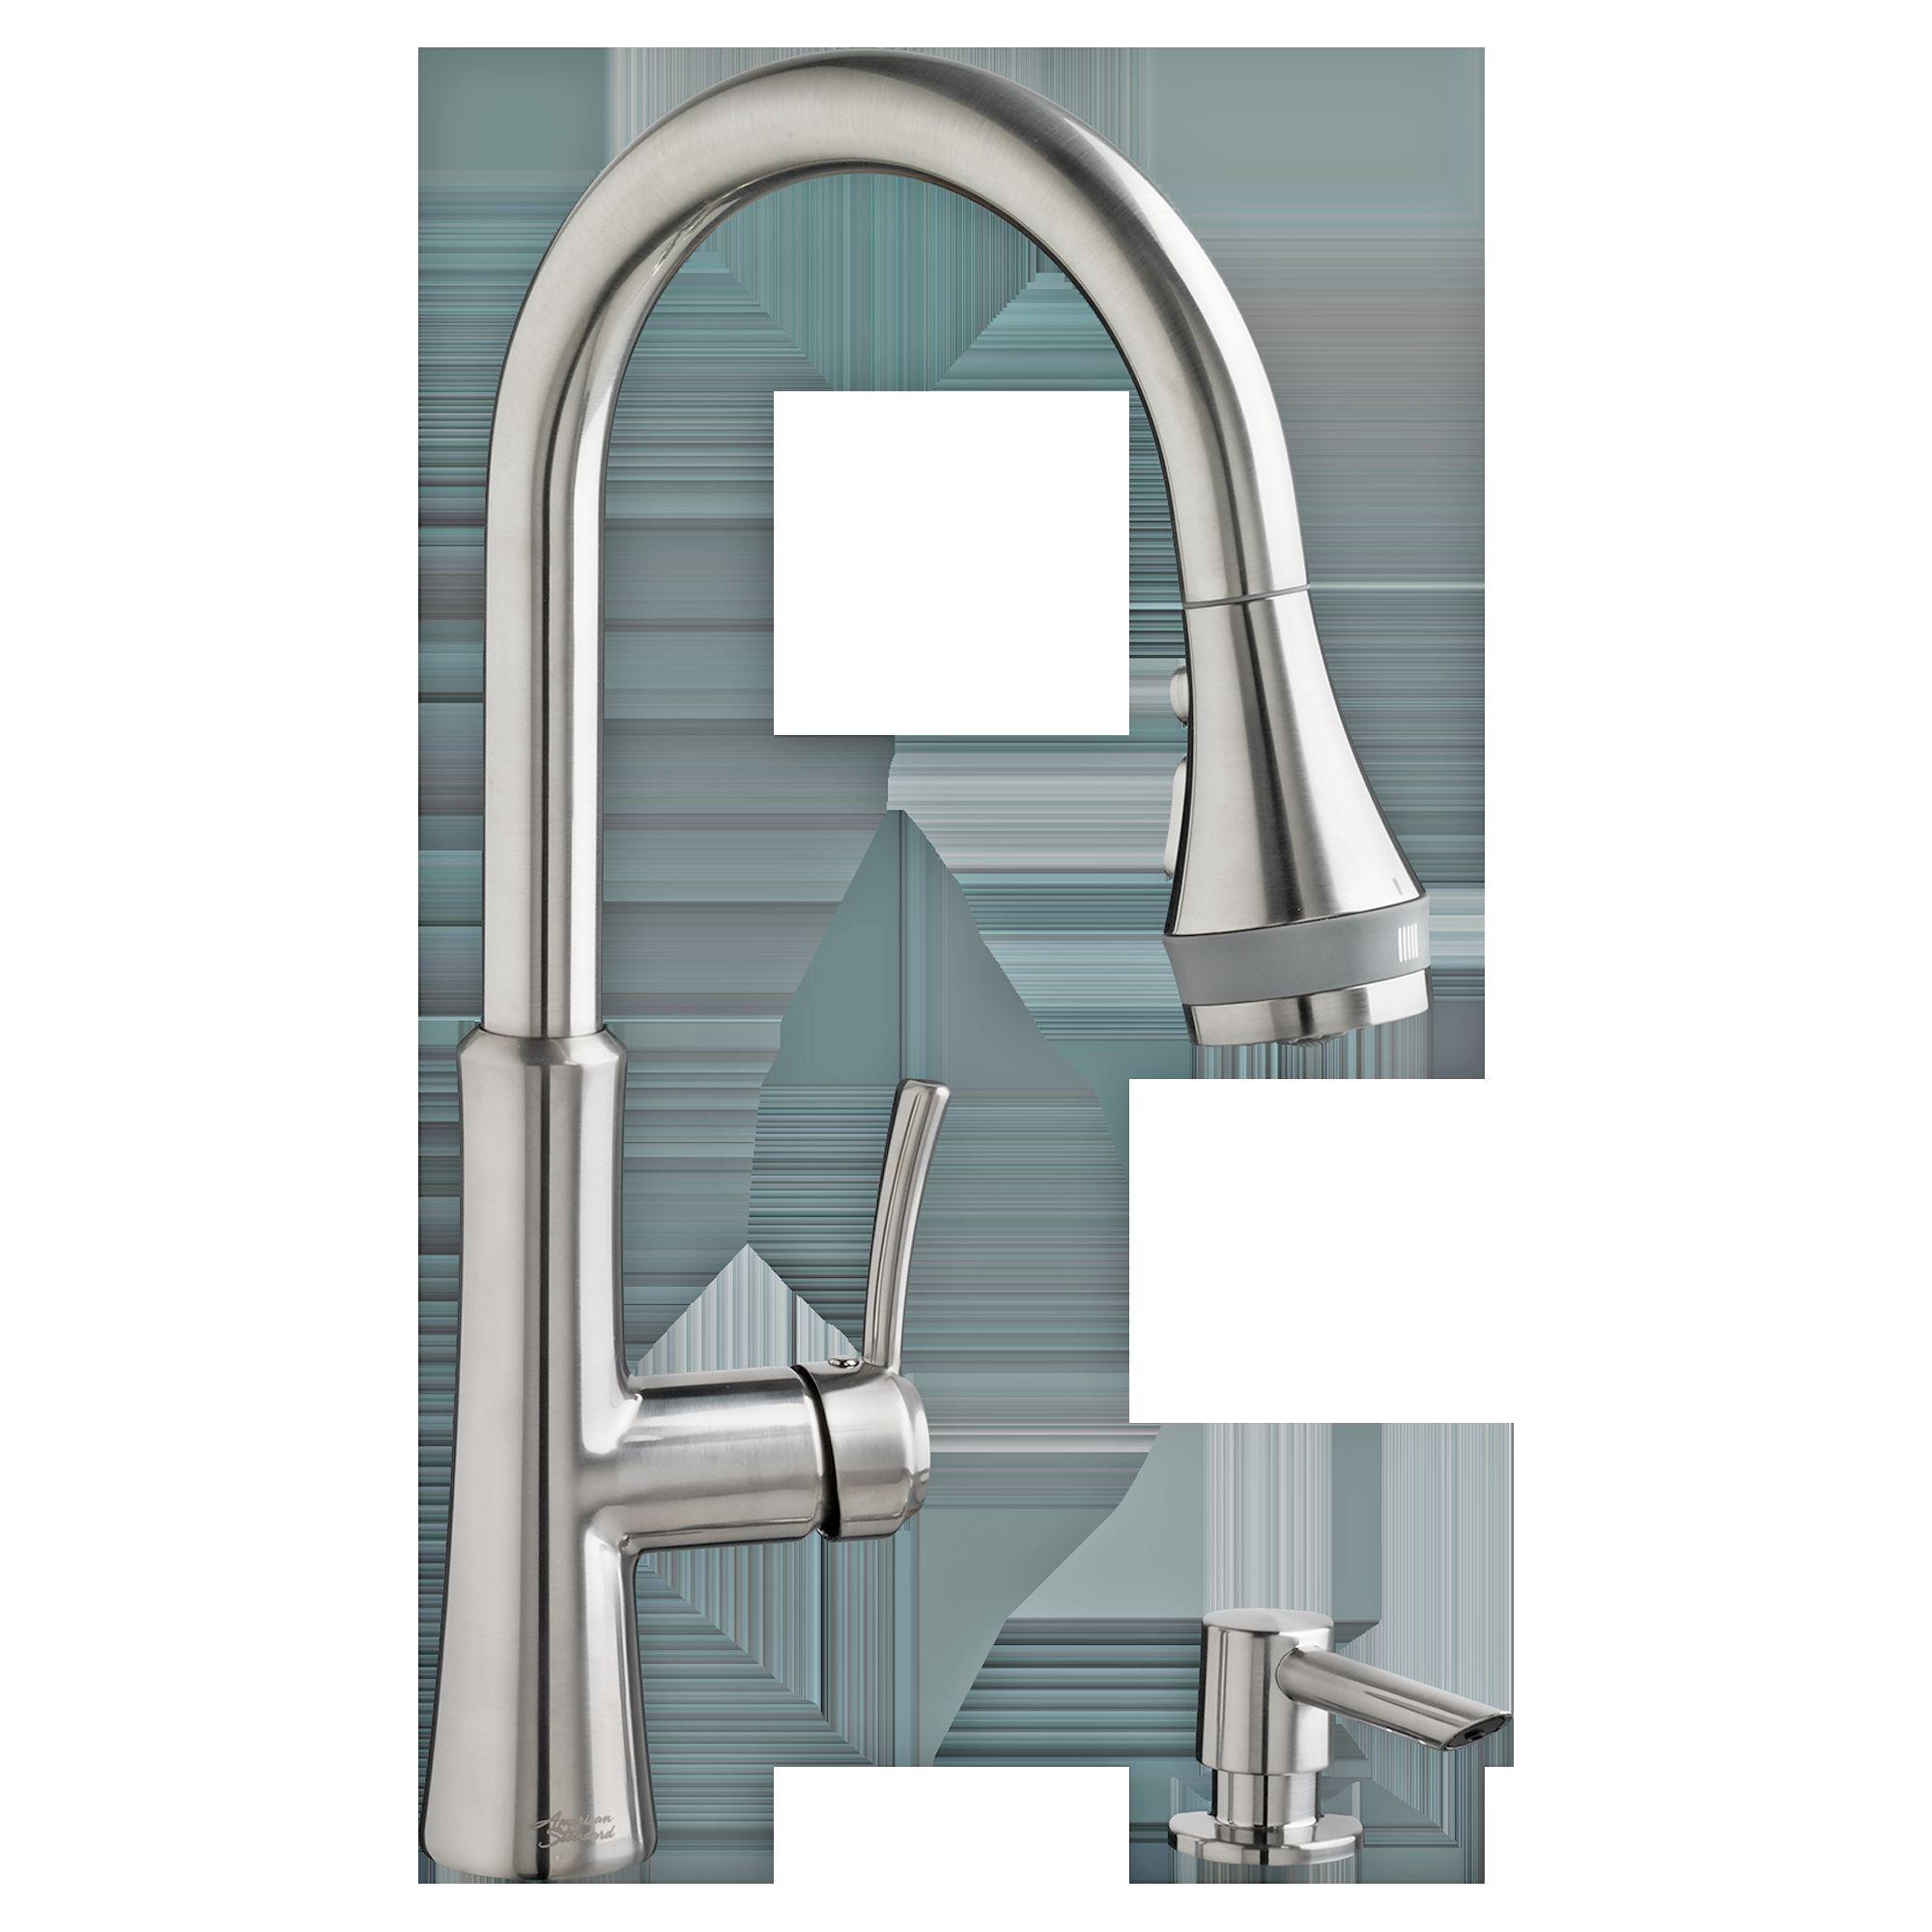 Kohler barossa pull down kitchen faucet latulufofeed